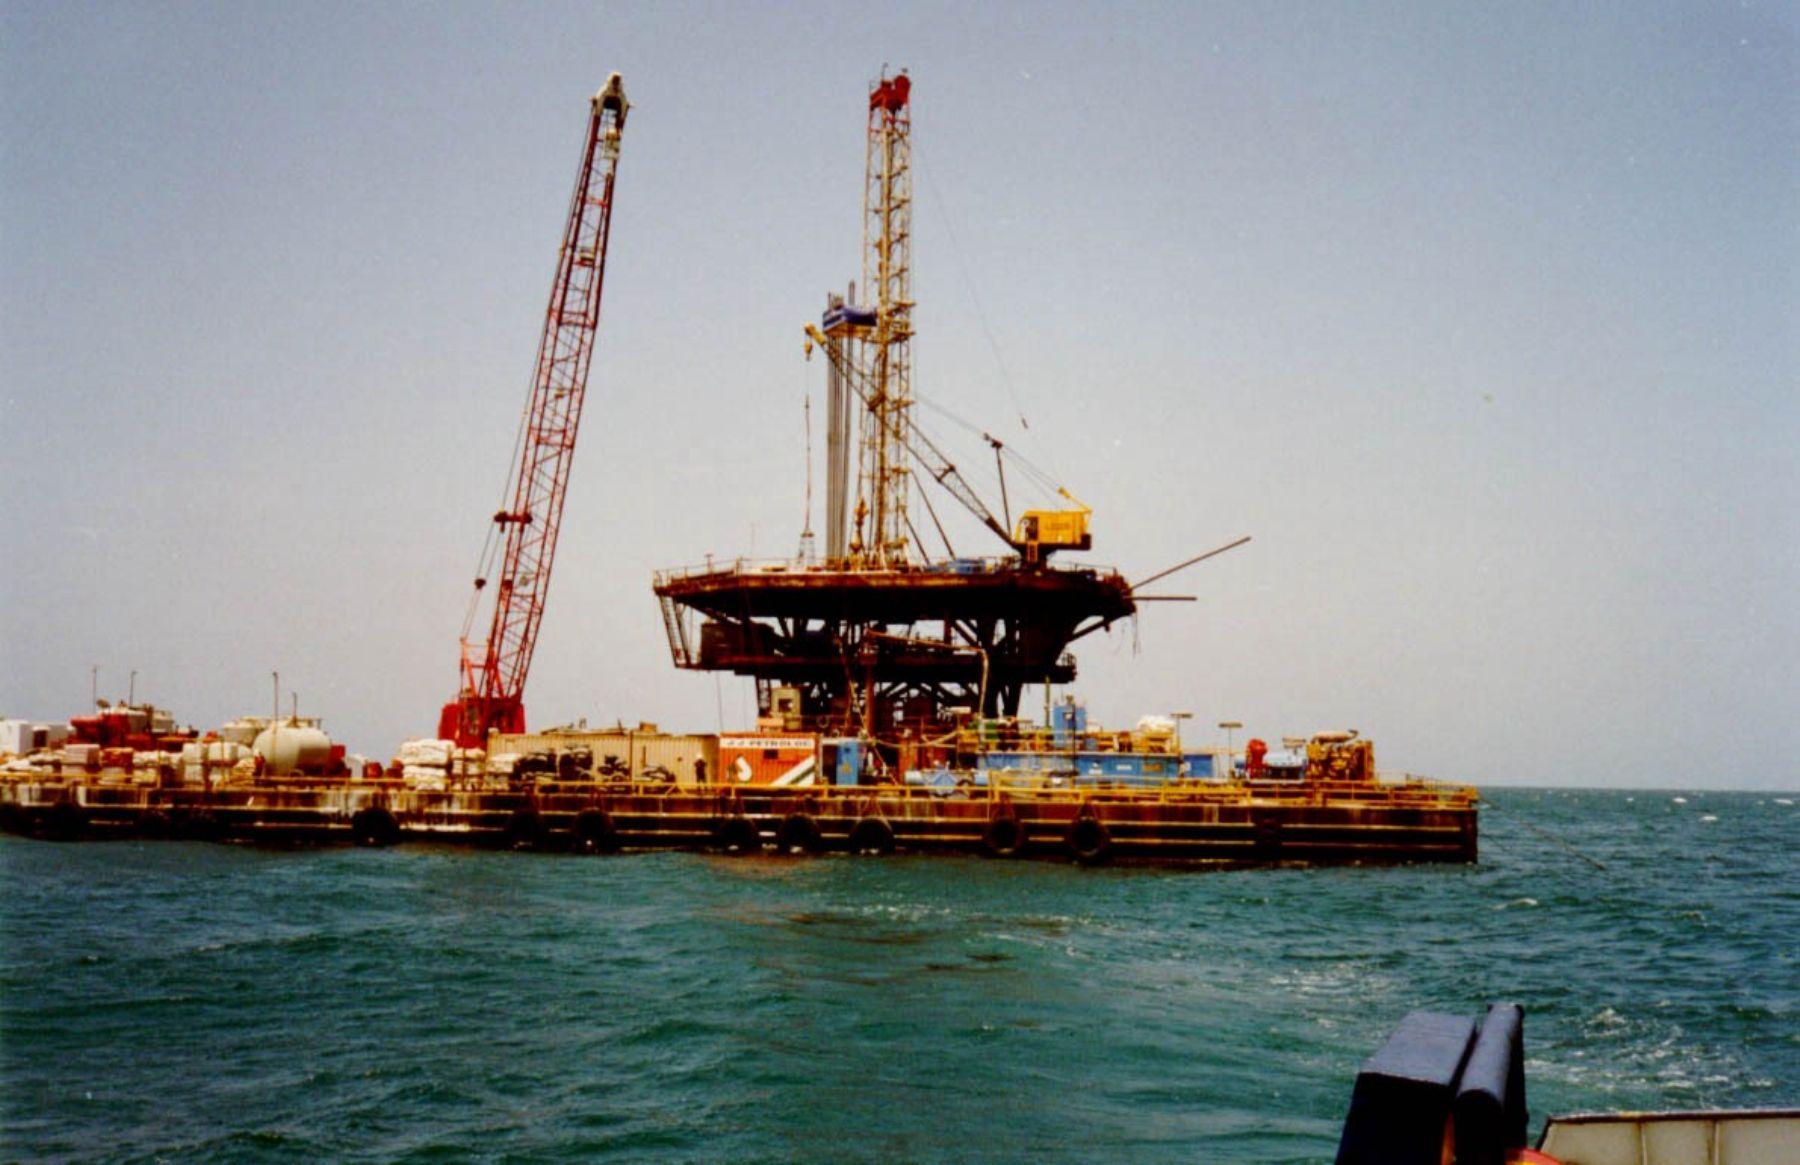 A inicios del 2018 surgió una controversia por la adjudicación de lotes petroleros en el norte de Perú. Foto: Agencia Andina.